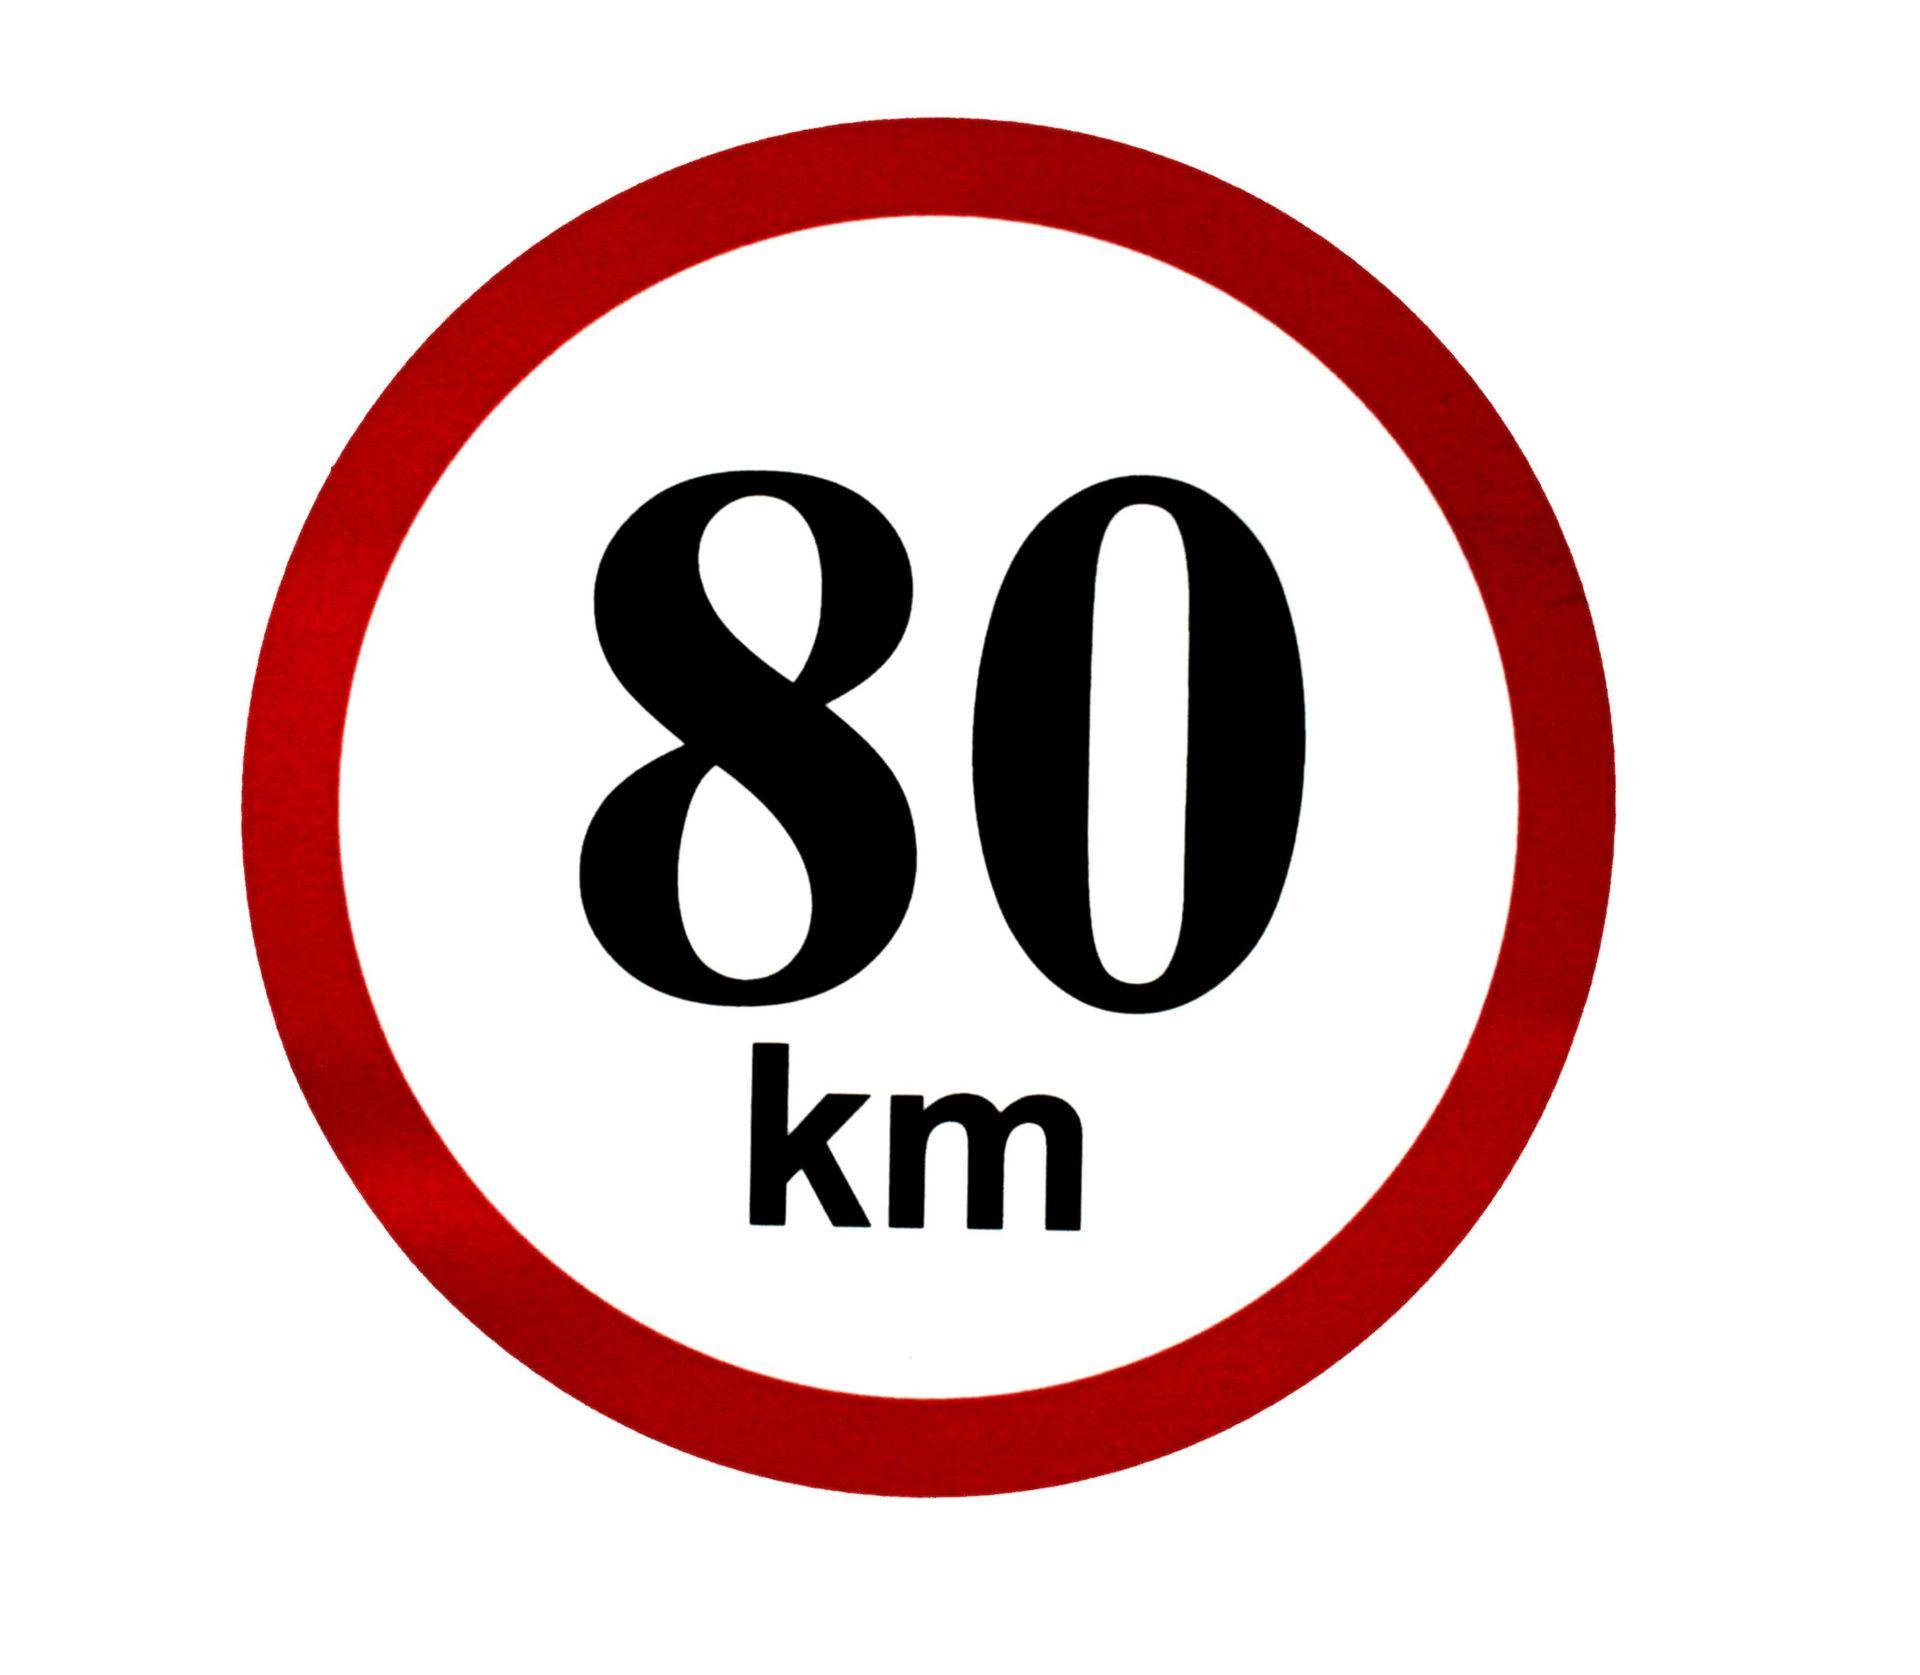 Omezení rychlosti 80 km/h